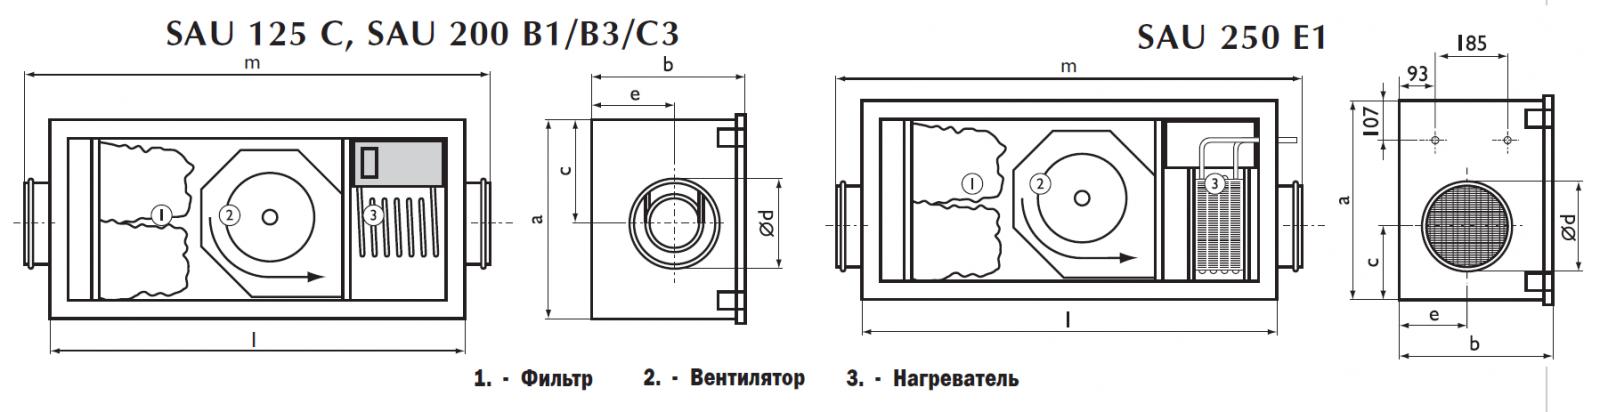 Устройство приточной установки Ostberg SAU 125 C1